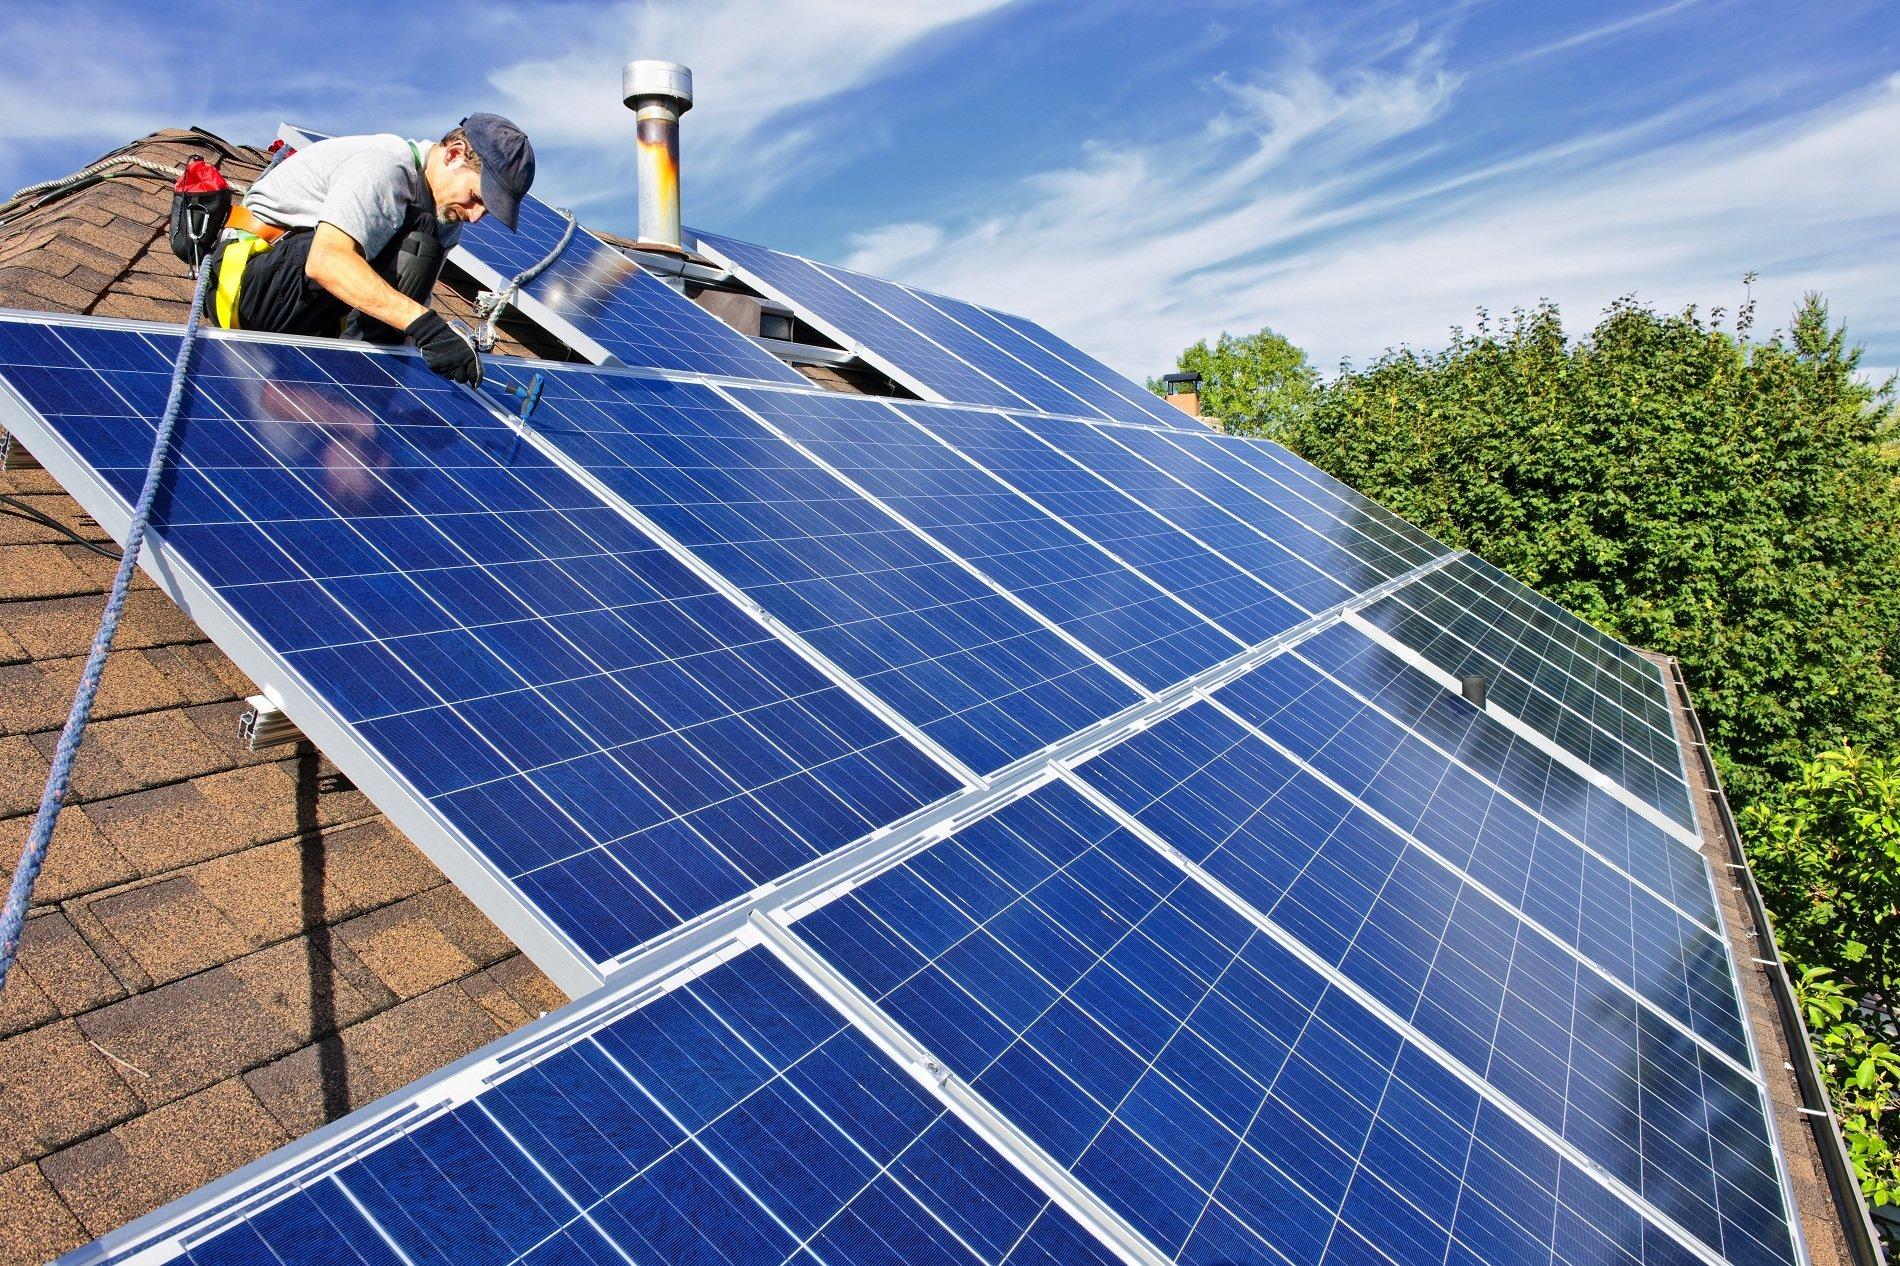 un uomo che installa dei pannelli solari su un tetto